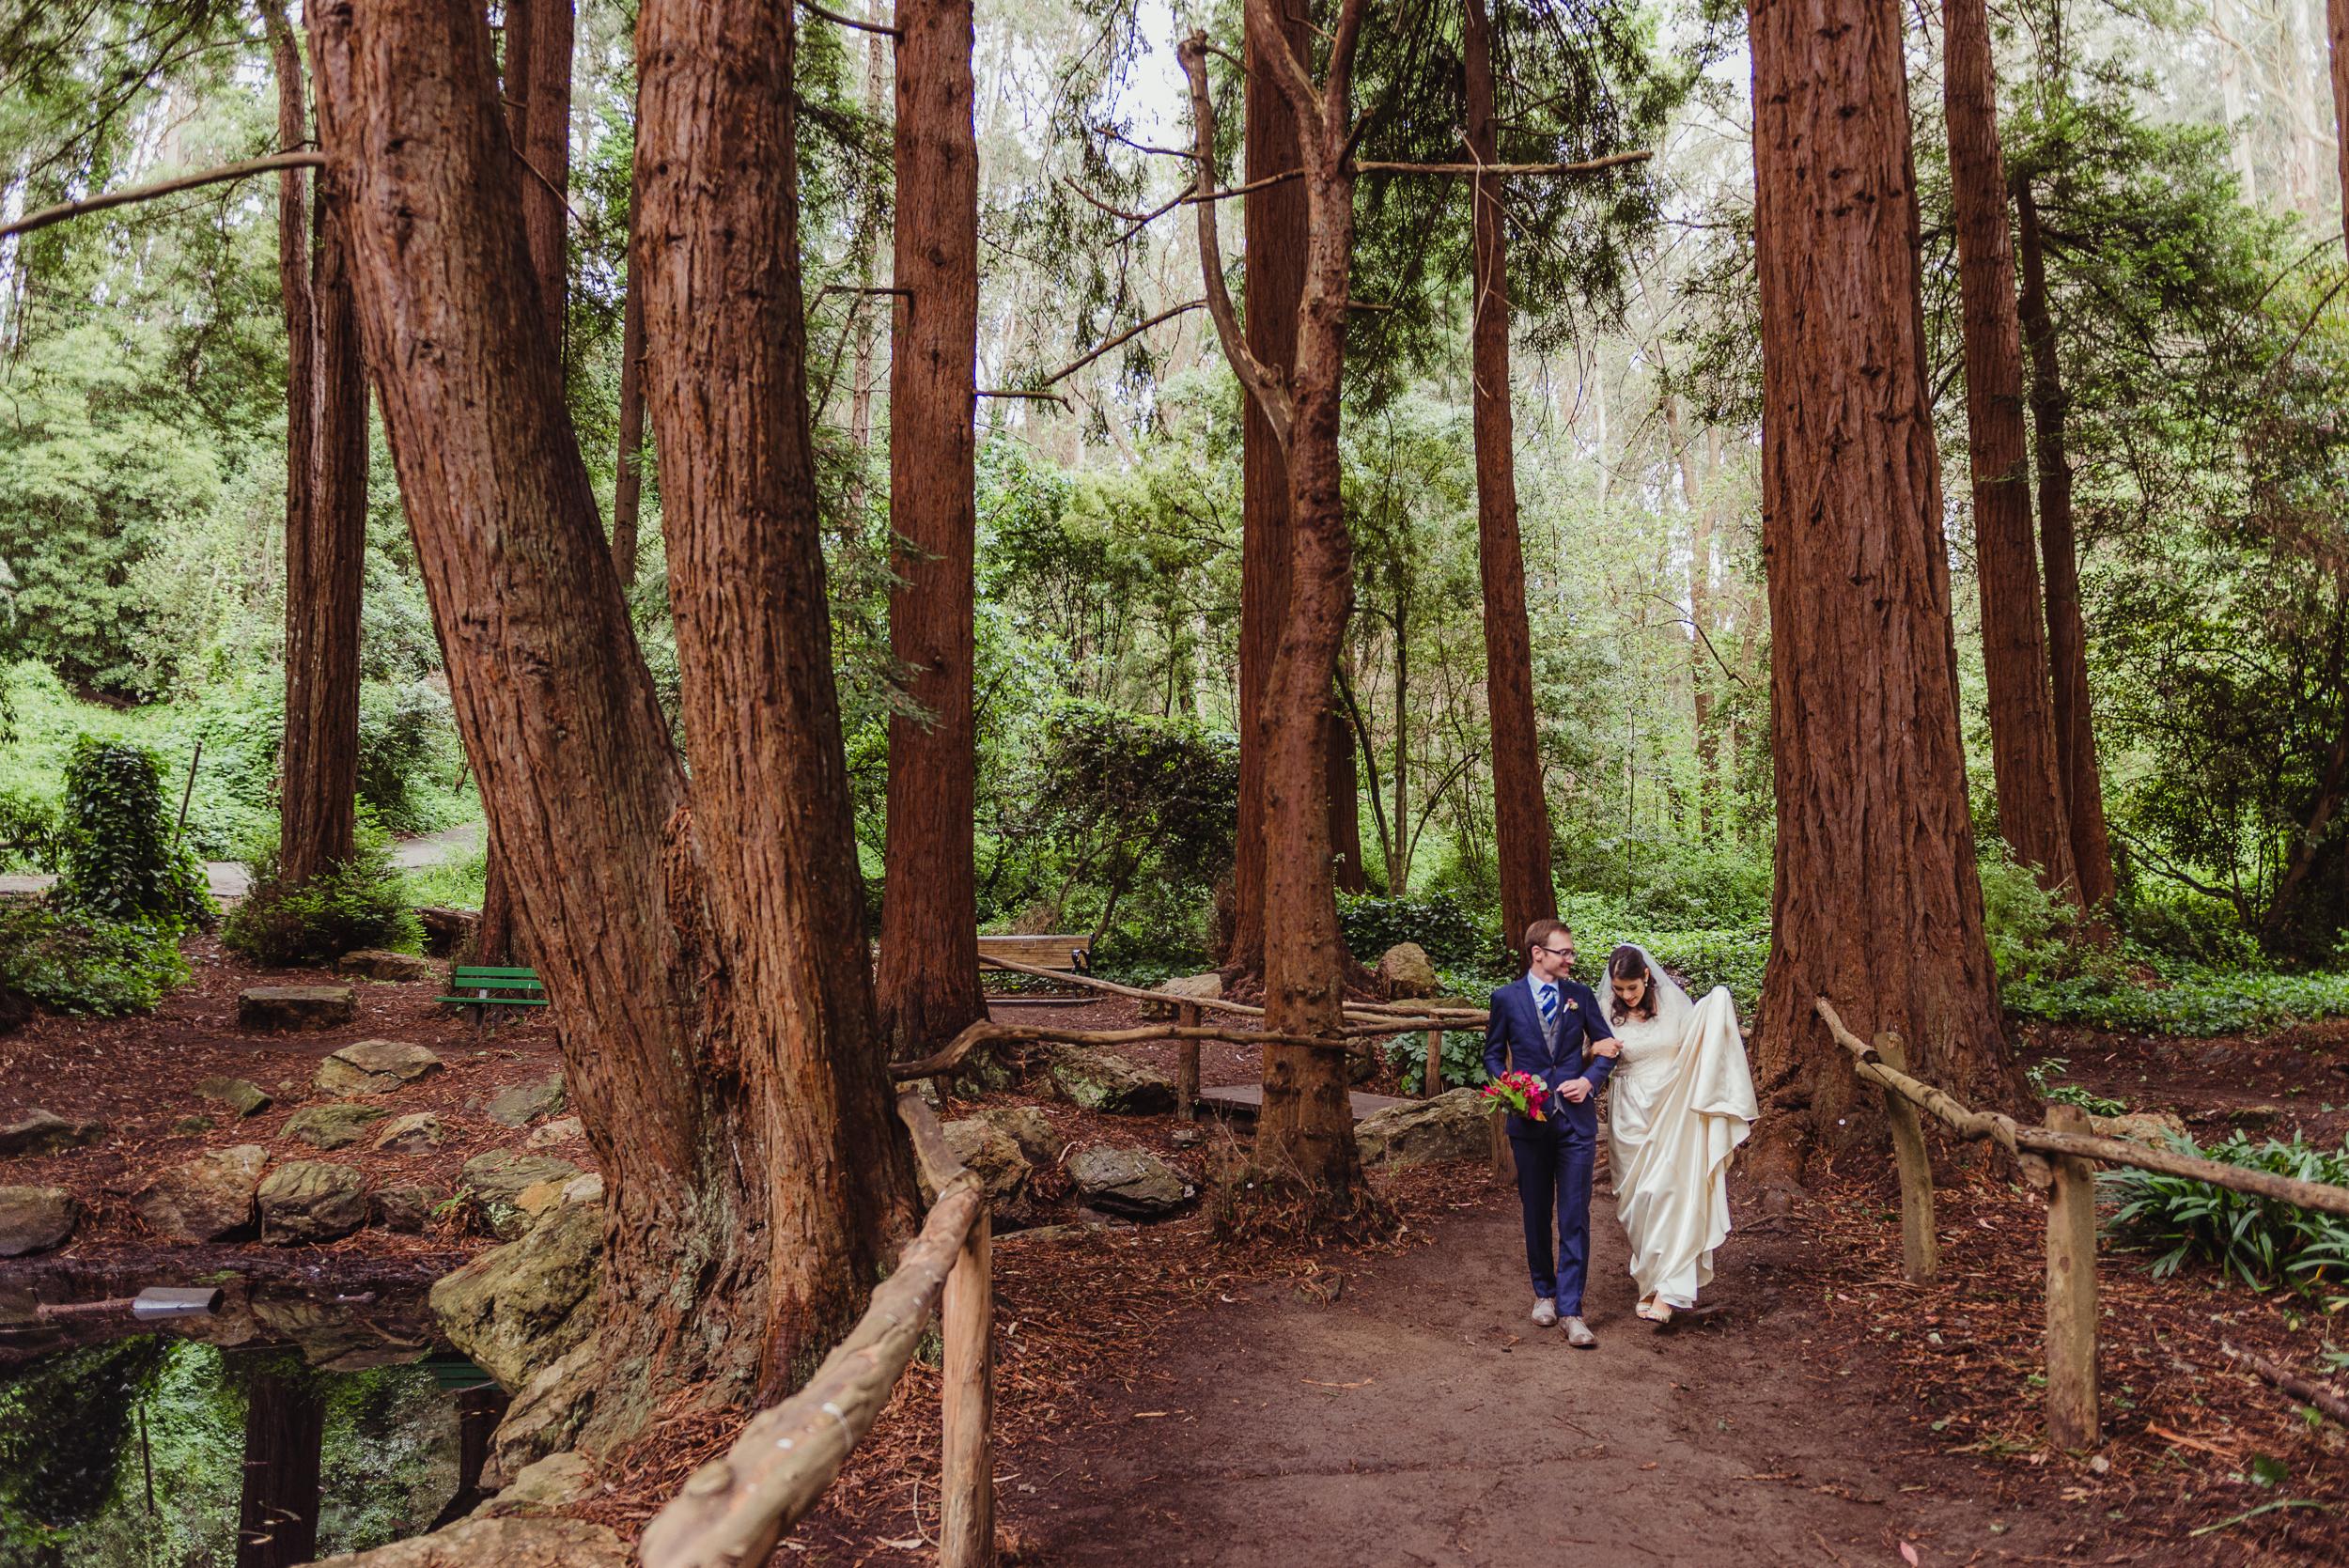 36vintage-san-francisco-stern-grove-wedding-vivianchen-0259.jpg